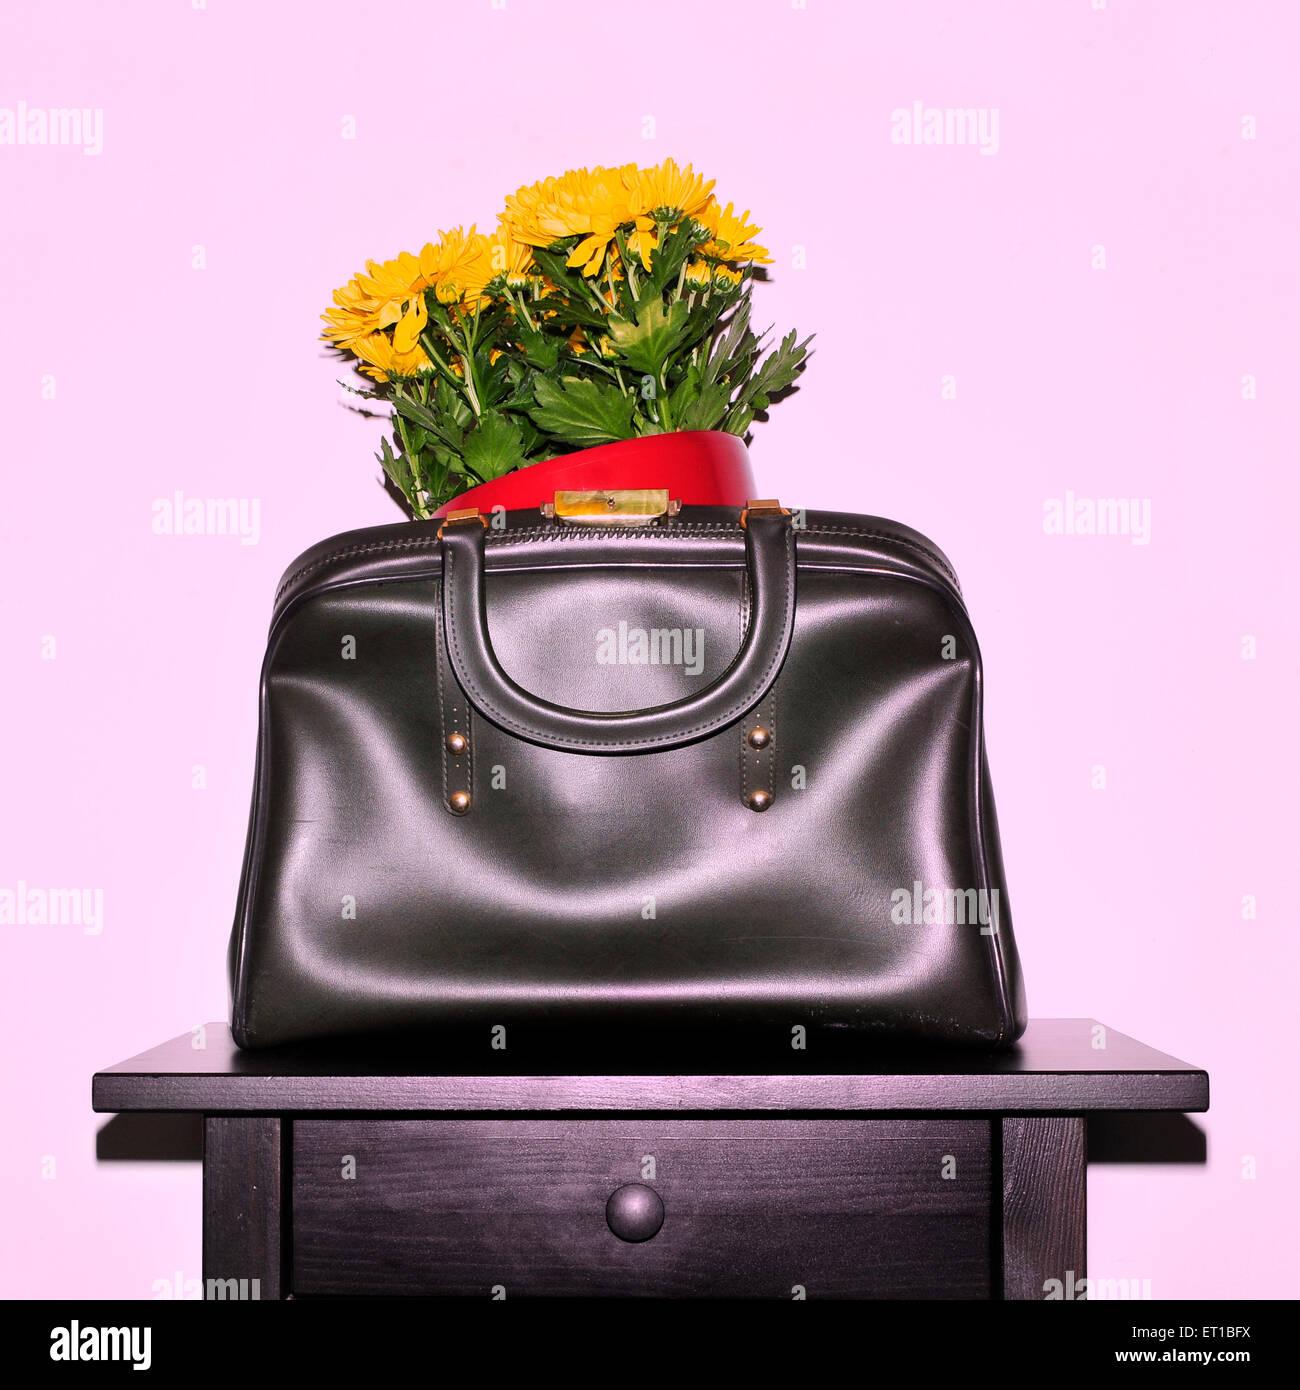 Gelbe Chrysanthemen in einer Vintage-Leder-Tasche auf einem schwarzen Tisch mit einem Retro-Snapshot-Effekt Stockbild